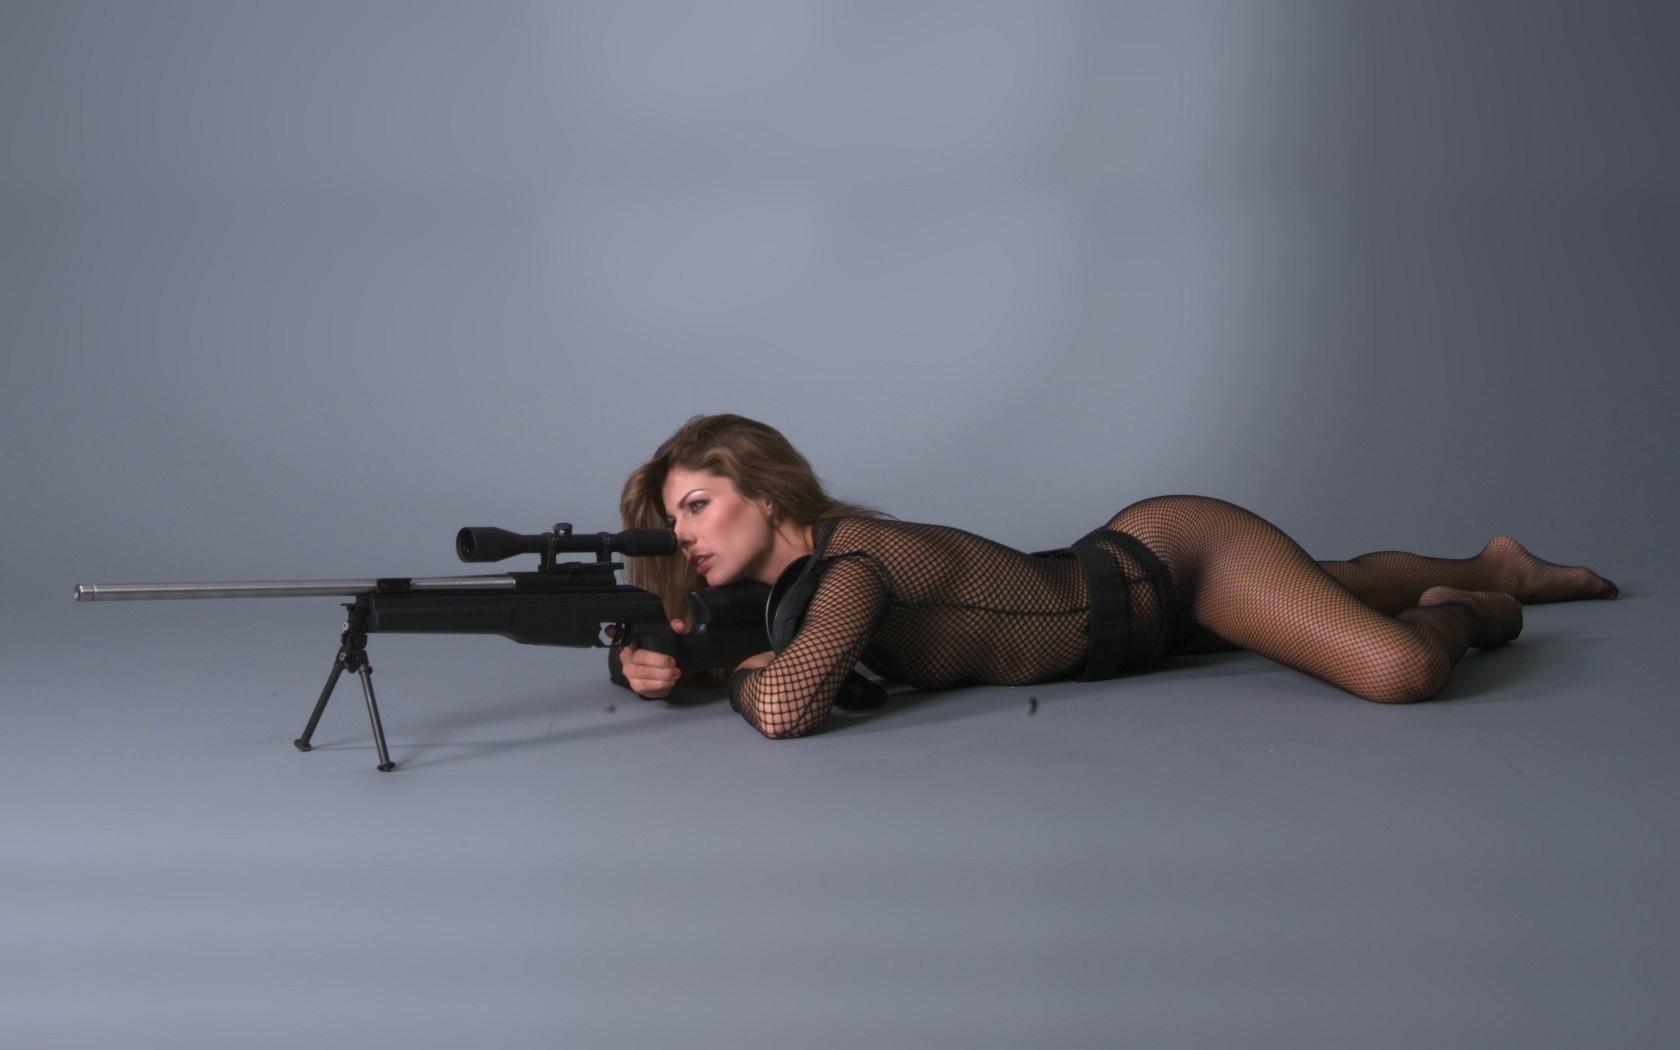 девушки с оружием смотреть рабочий стол эротика как